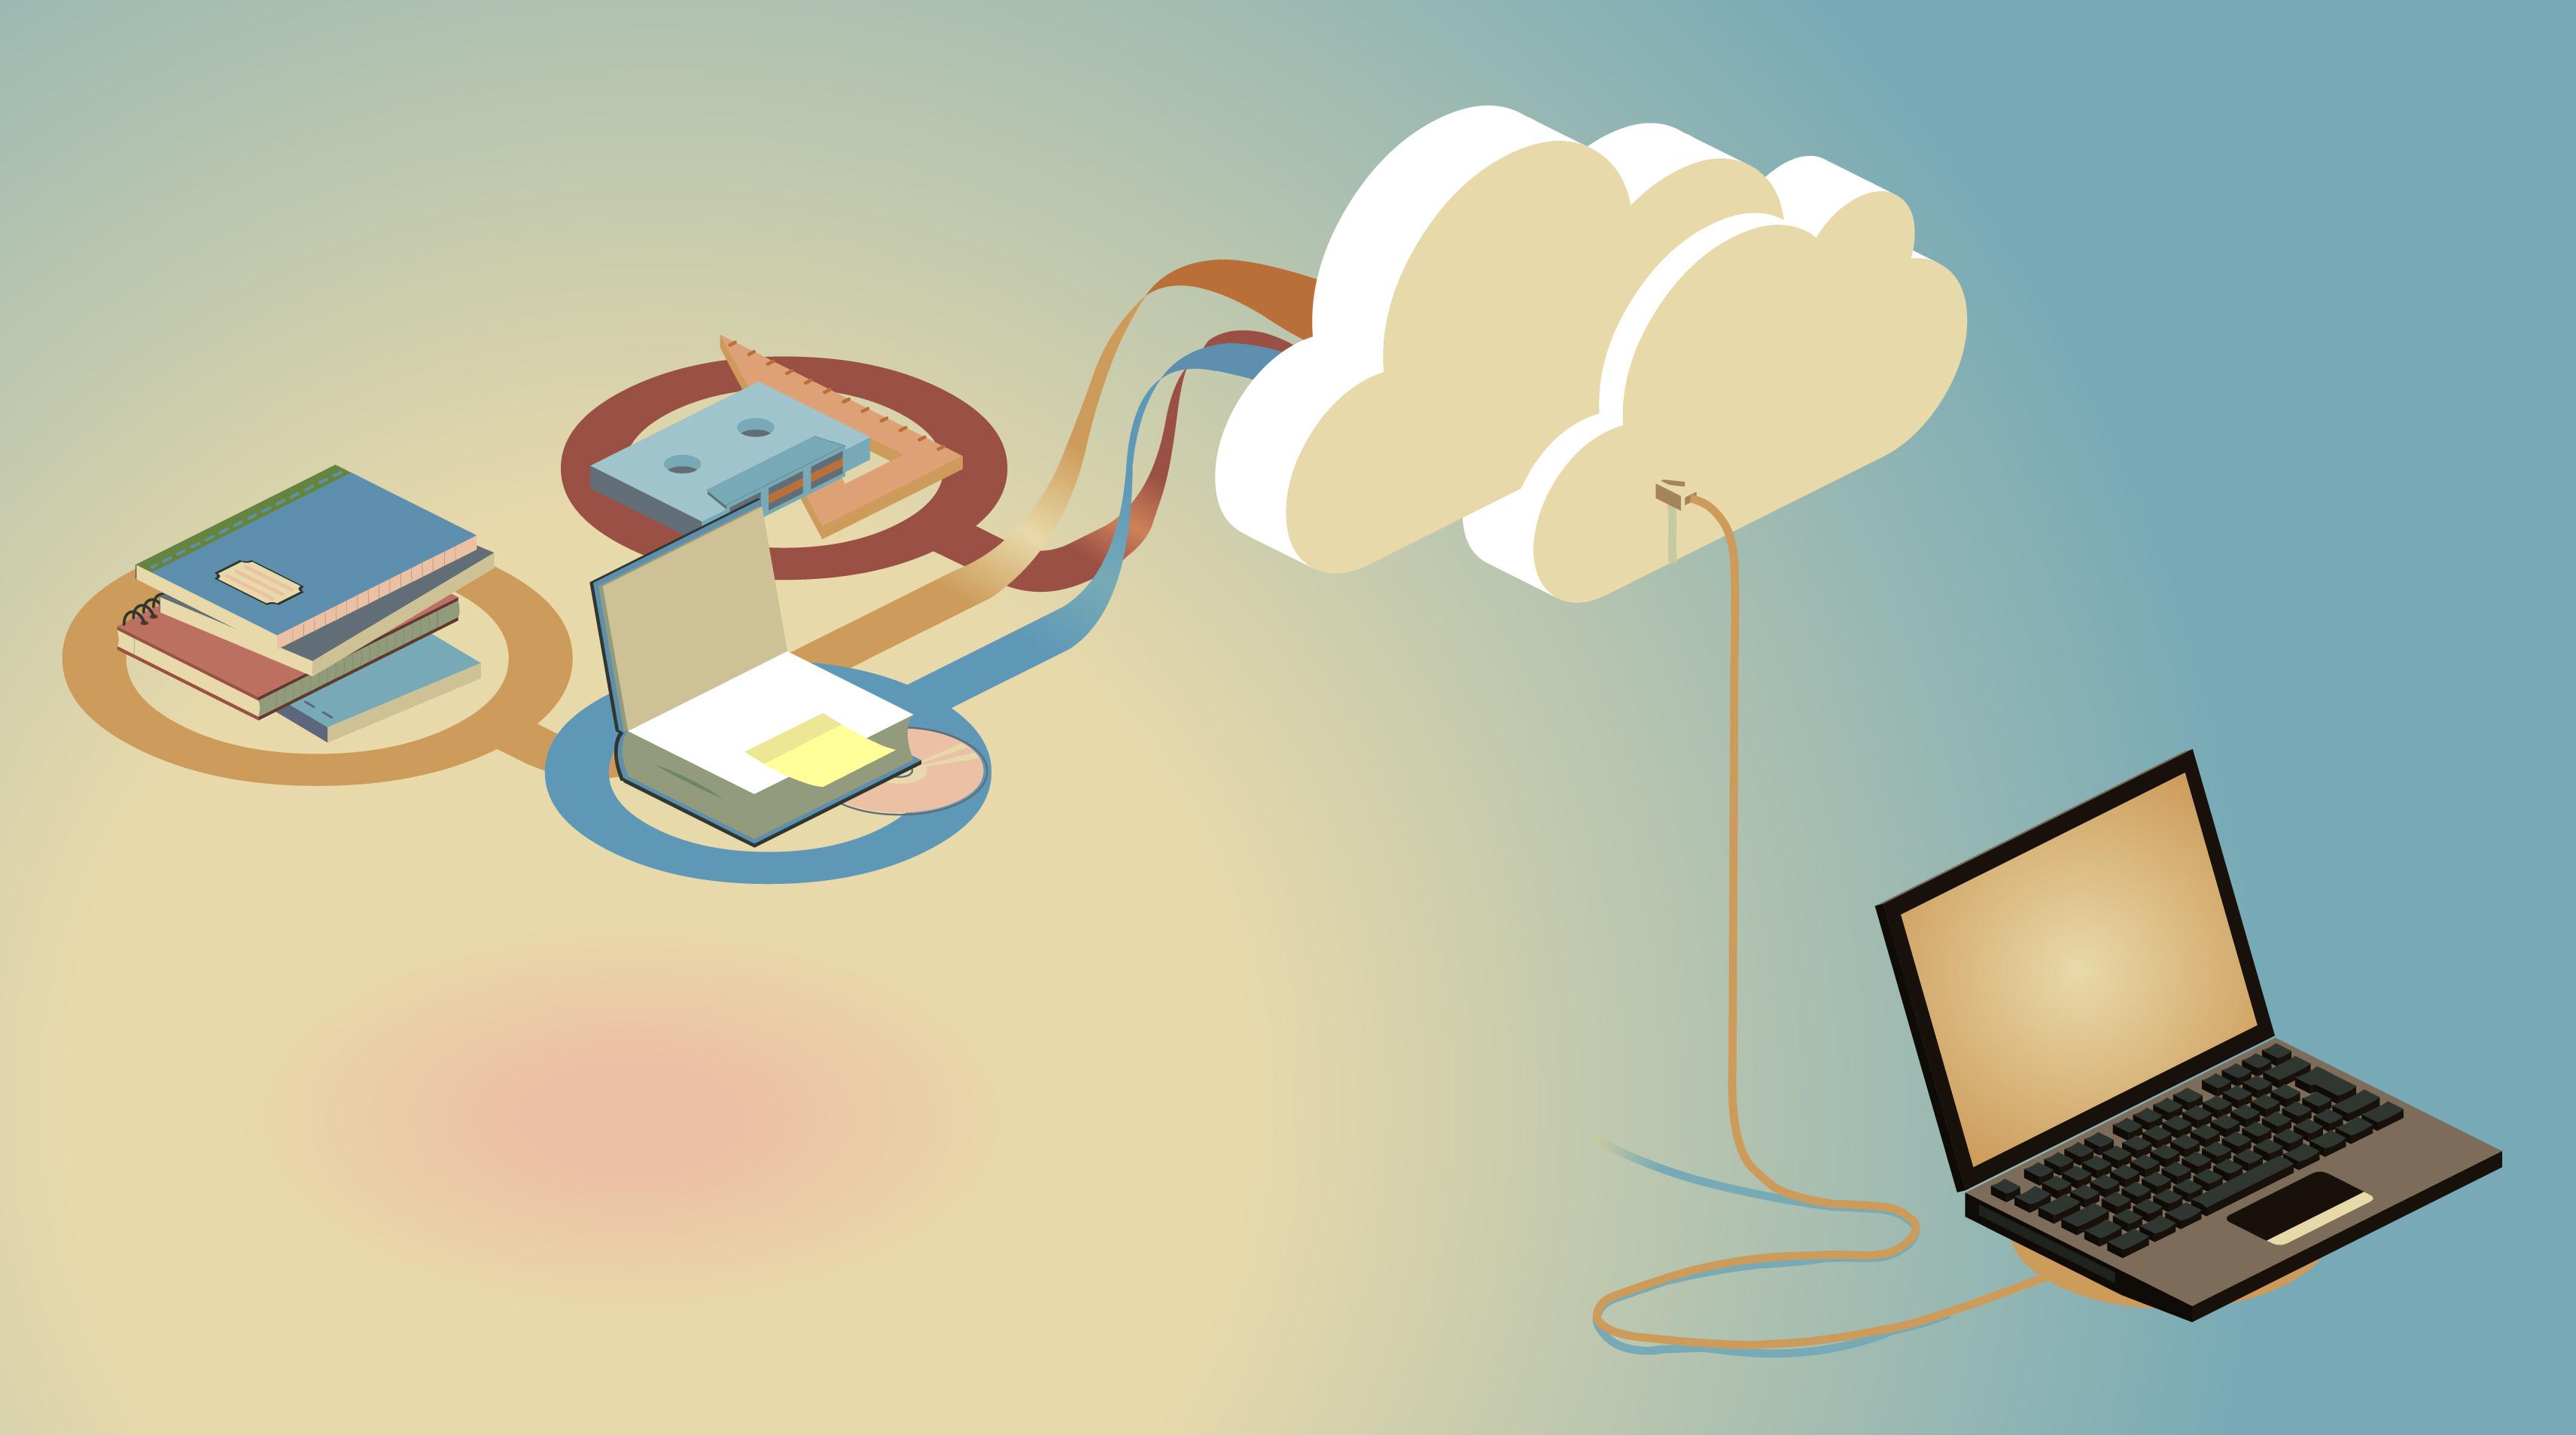 Etude mondiale Trend Micro 'Head in the Clouds' : Pendant le confinement, le télétravail a permis aux salariés de prendre conscience de l'importance de la cyber-sécurité